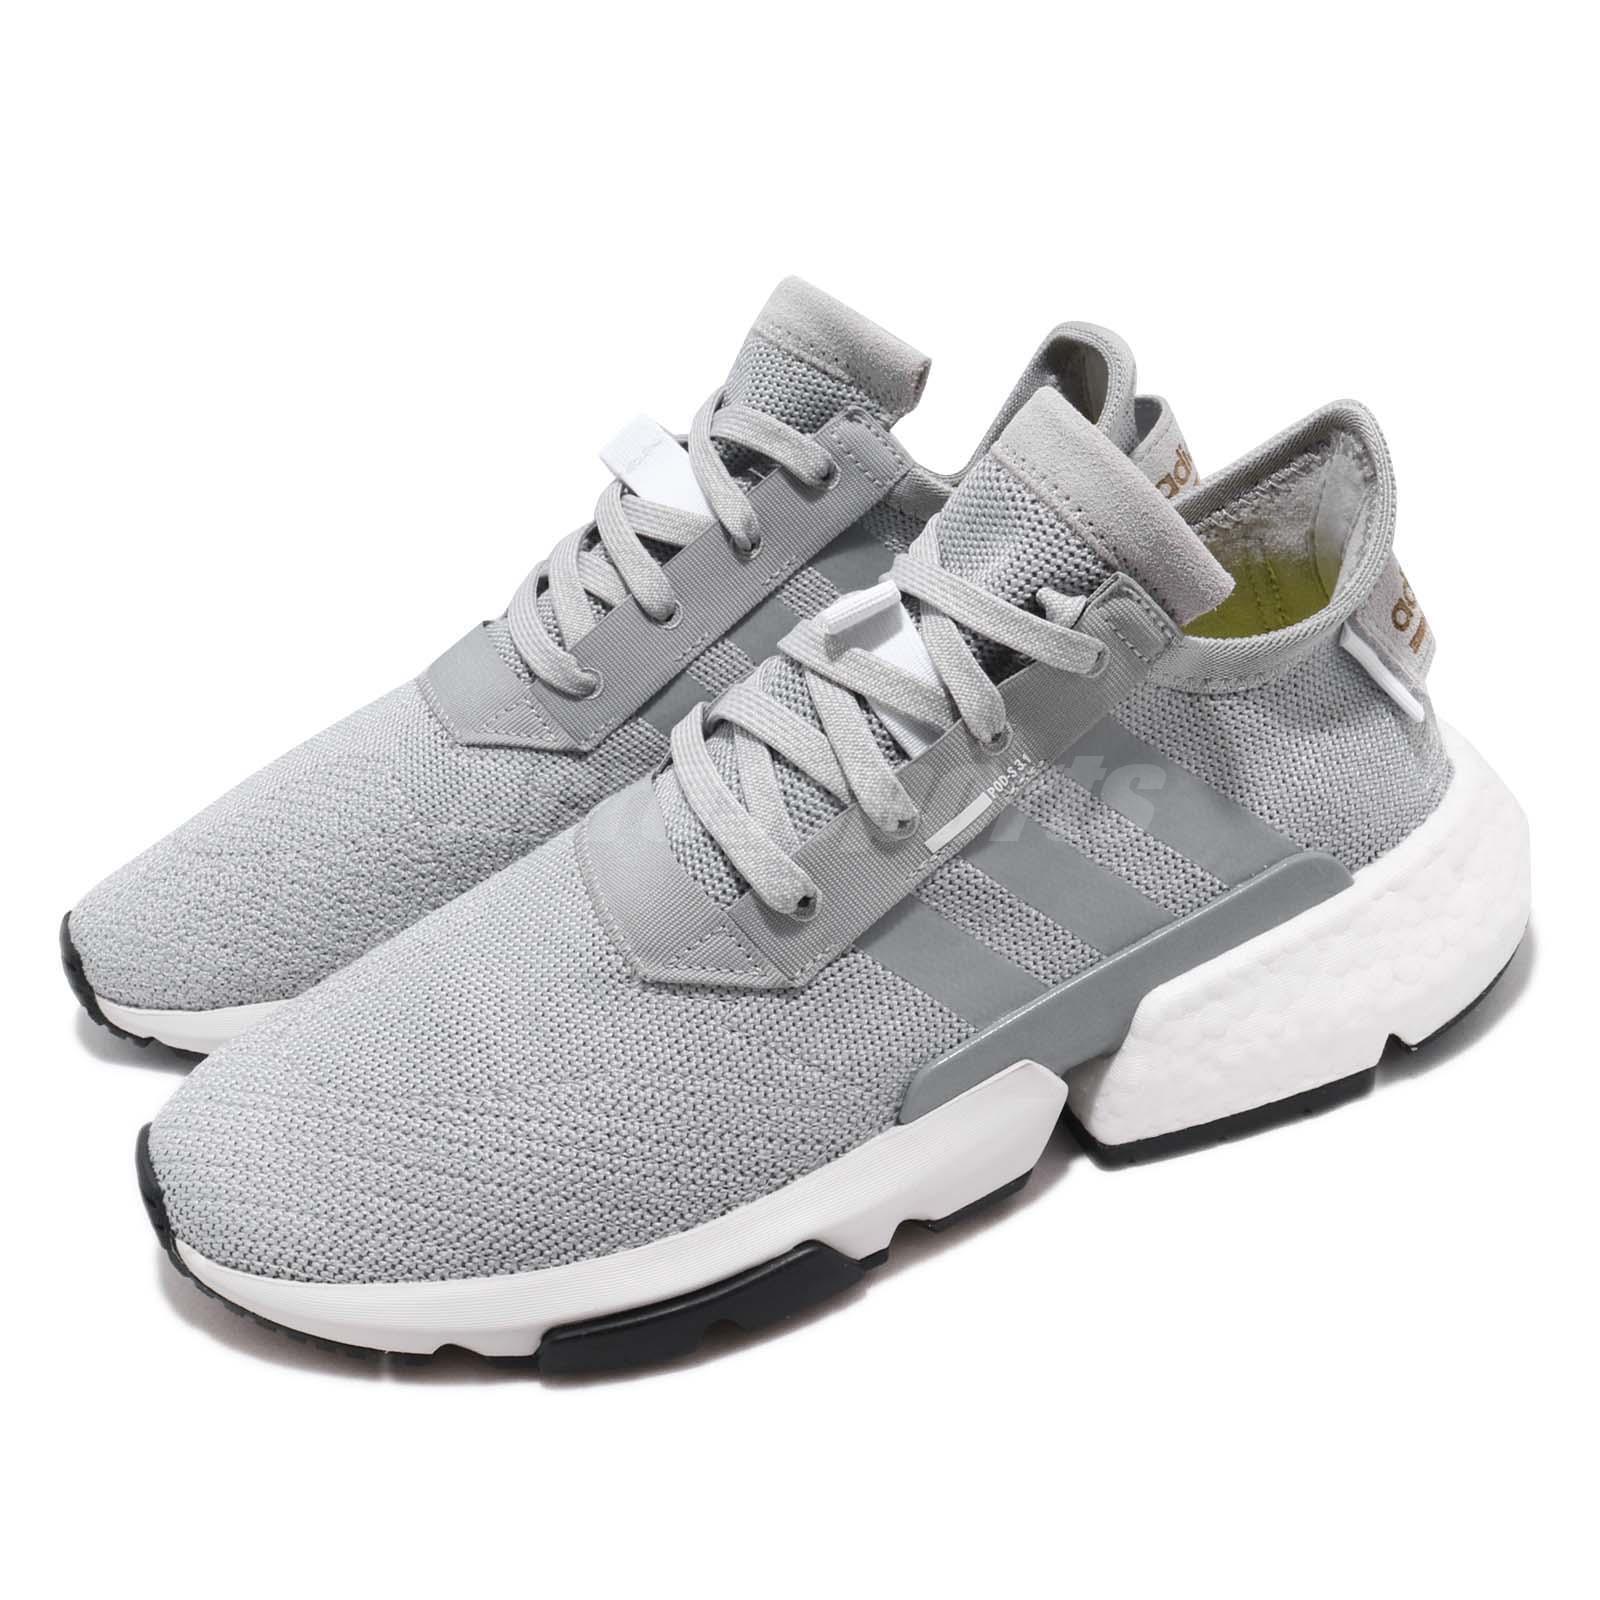 Adidas Originales Pod-S3.1 Boost Running Zapatos Tenis Hombre blancoo gris CG6121